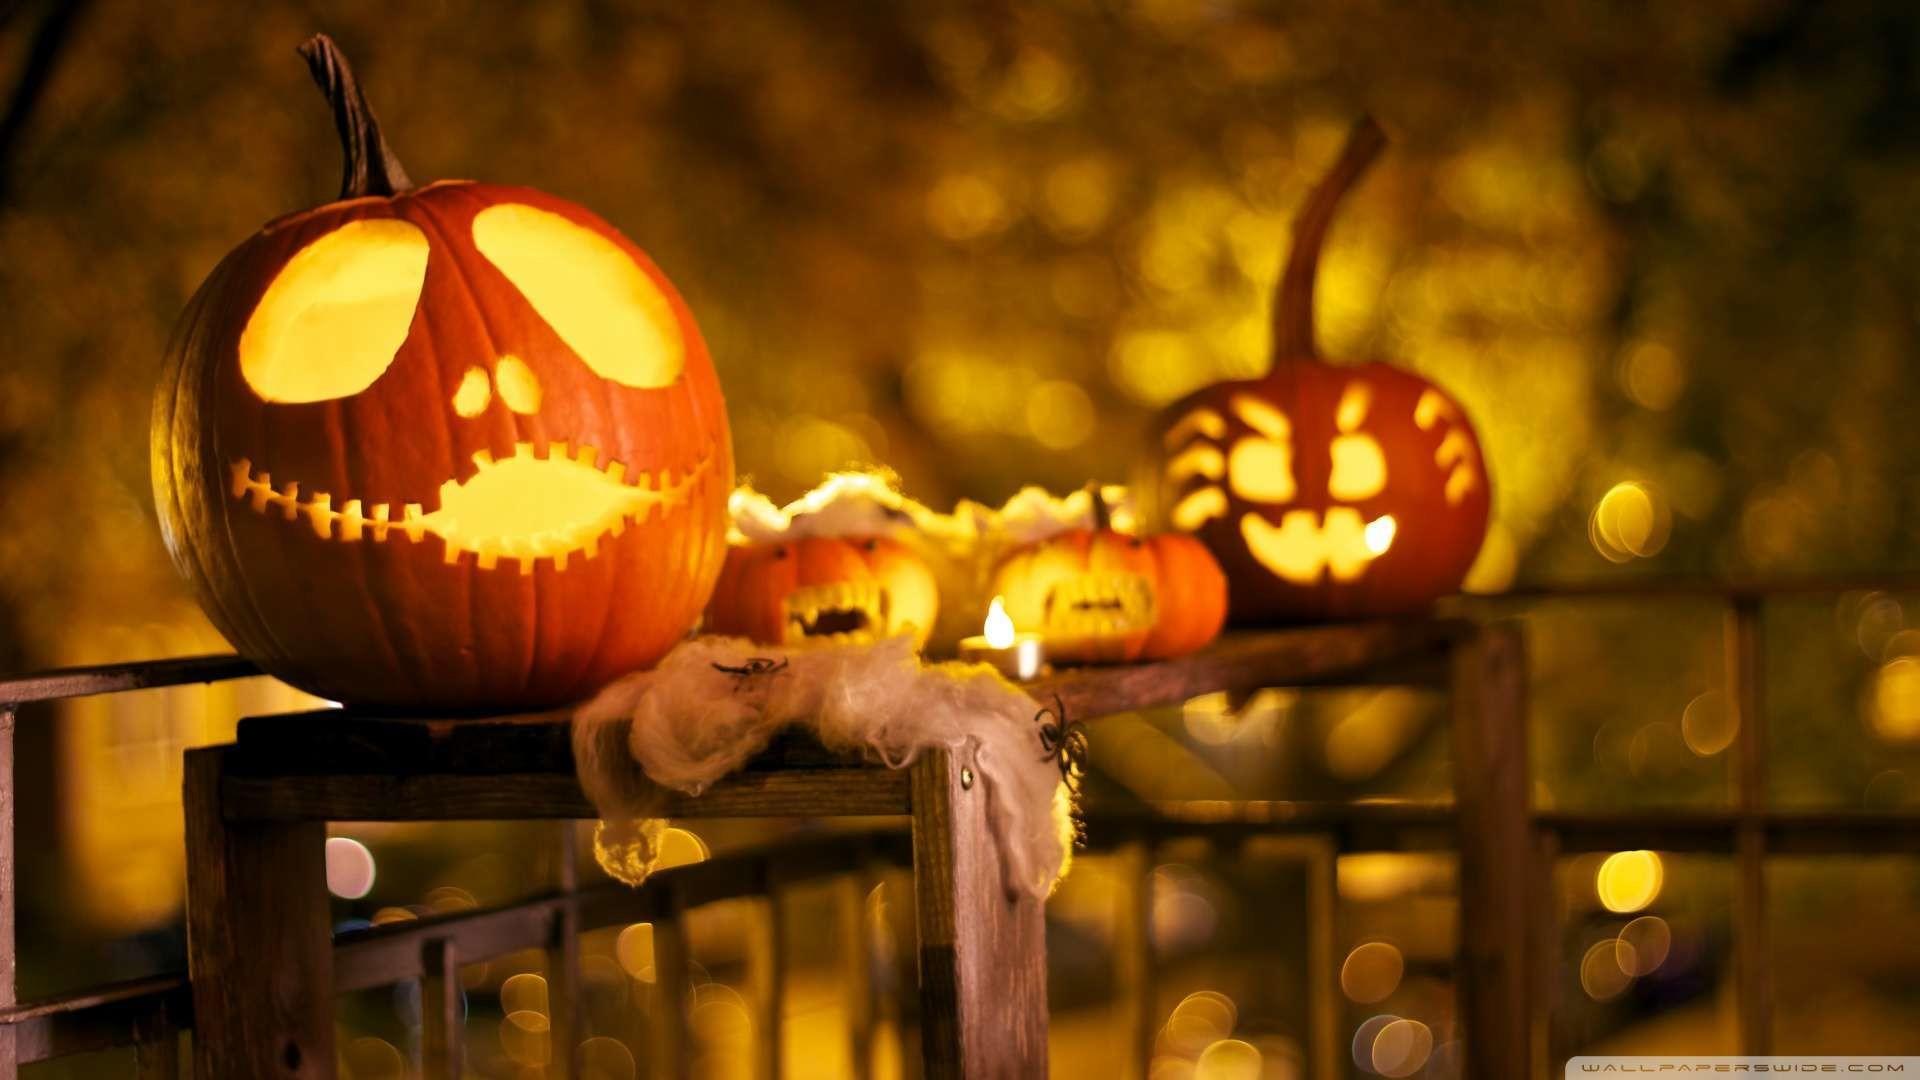 Happy Halloween Hd Desktop Wallpaper | HDWallWide